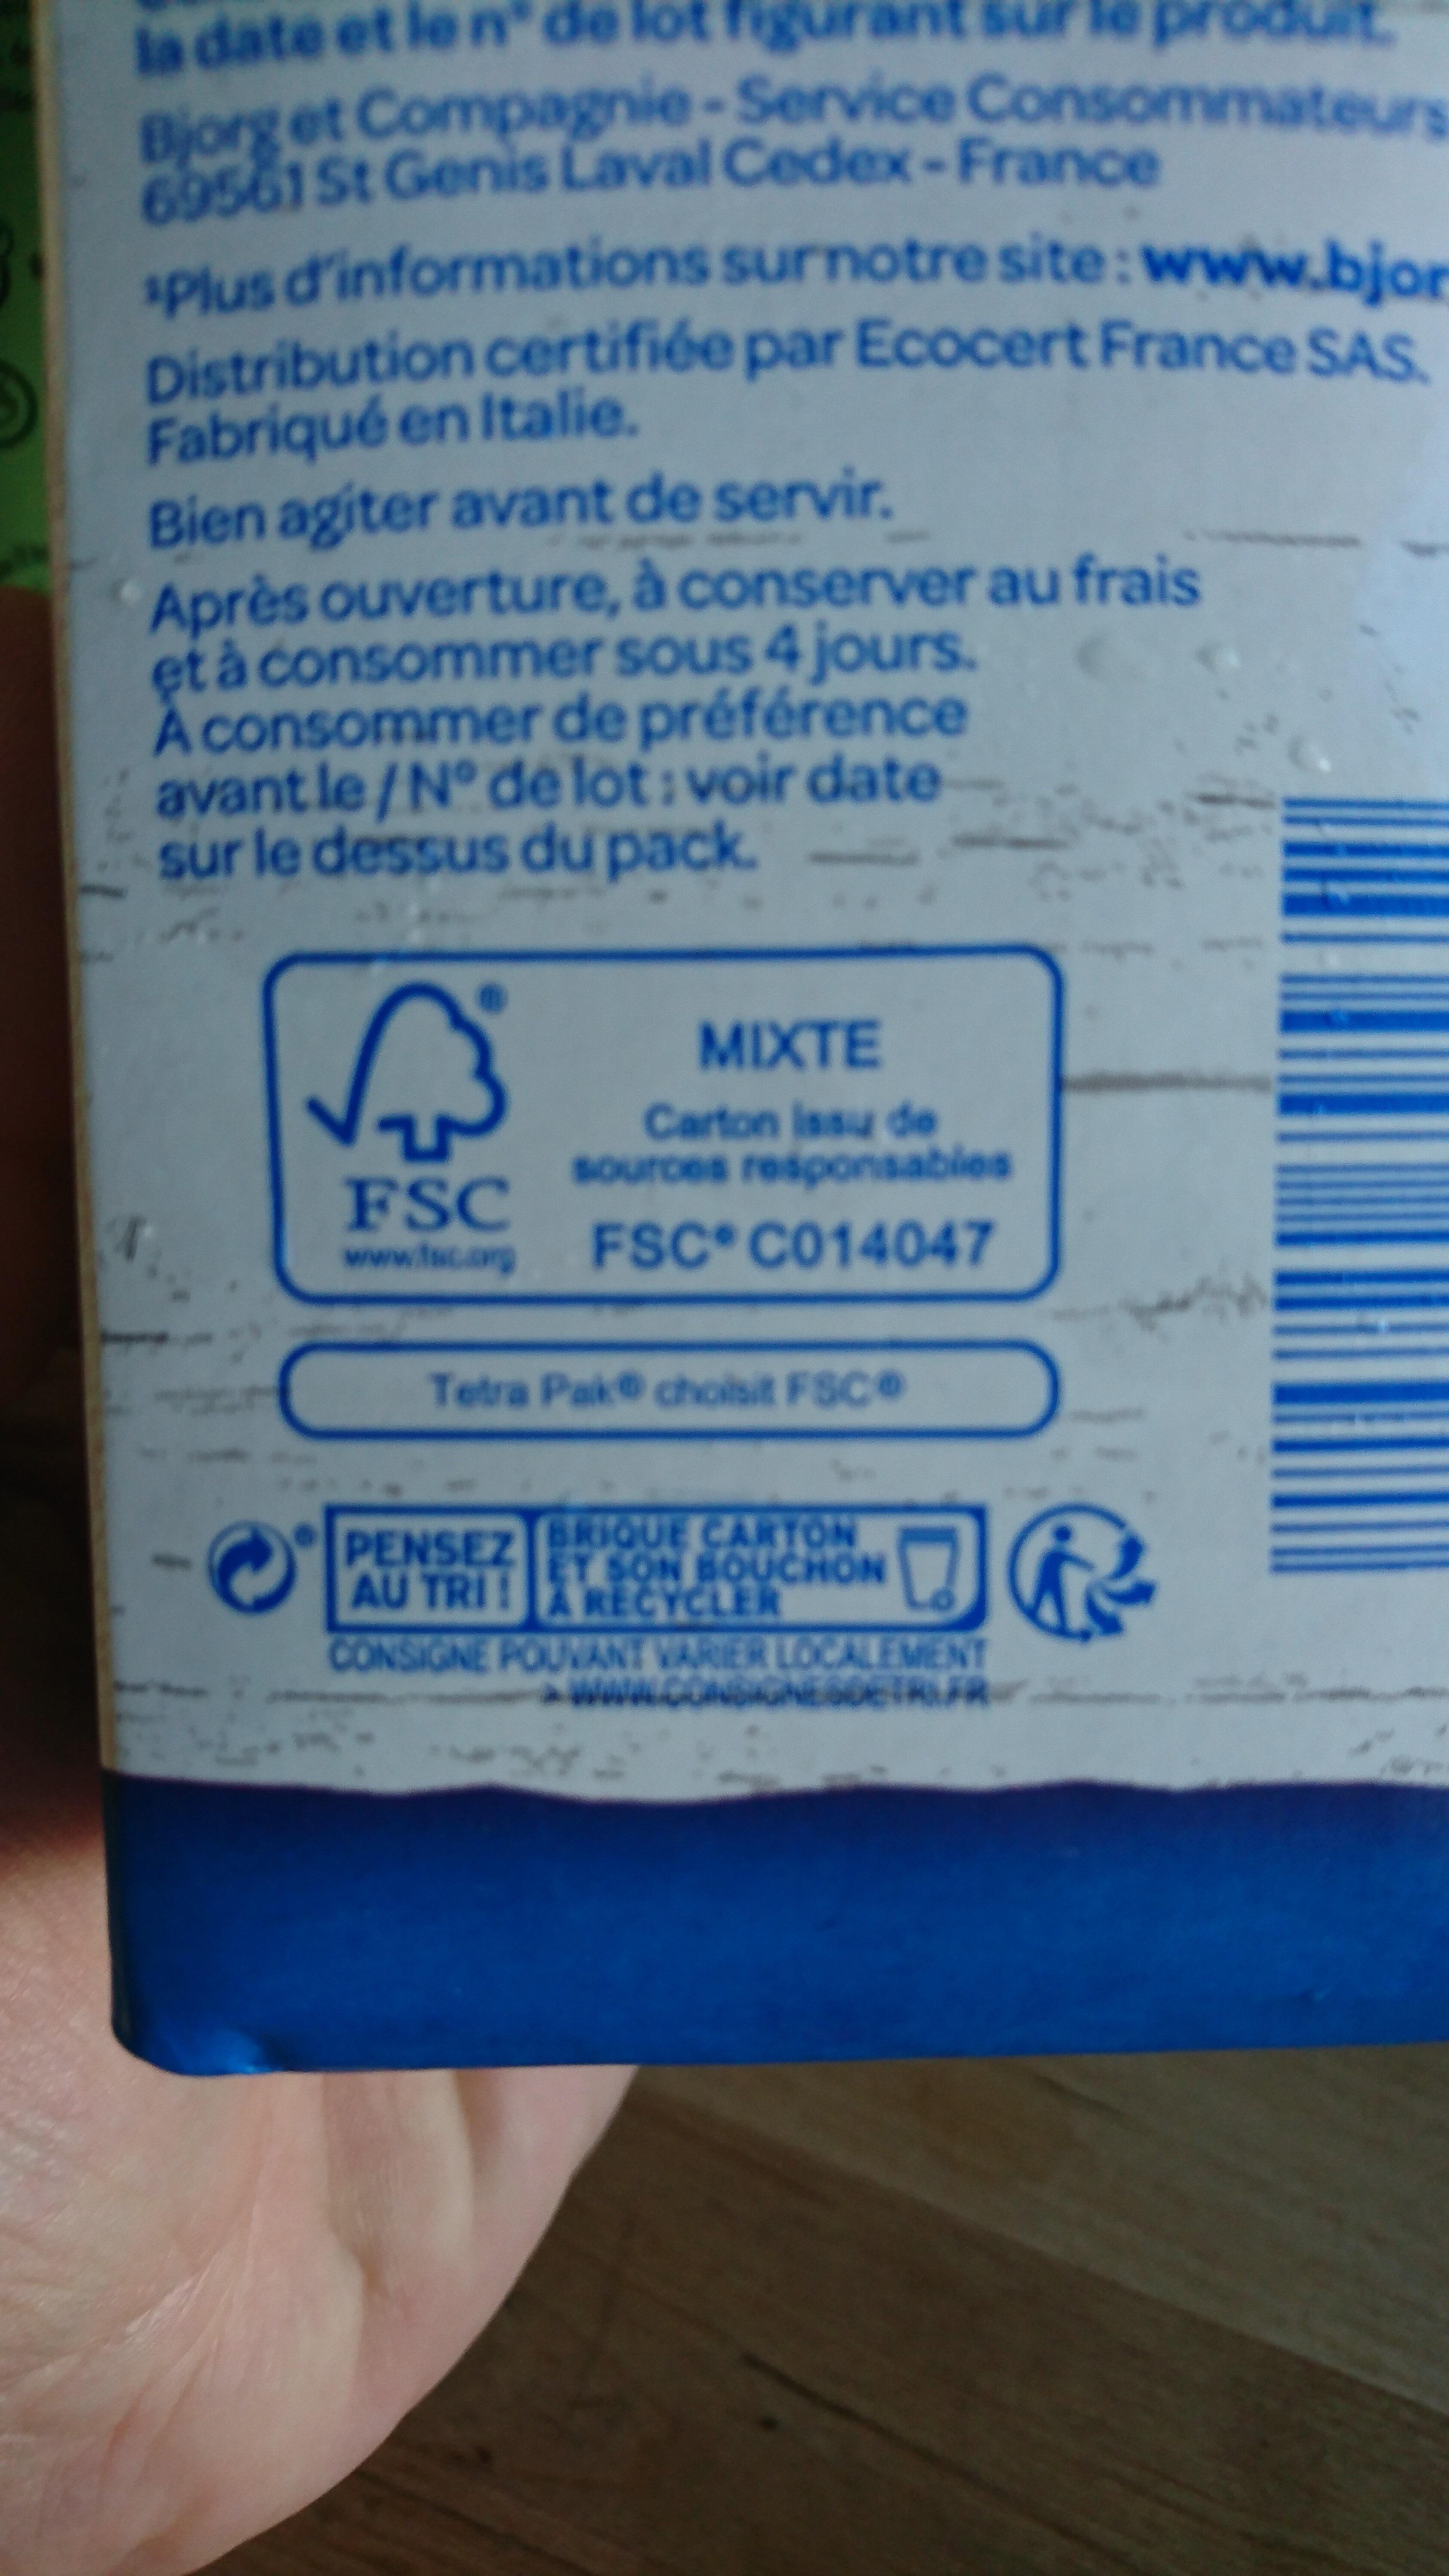 Lait d'amande sans sucres - Istruzioni per il riciclaggio e/o informazioni sull'imballaggio - fr